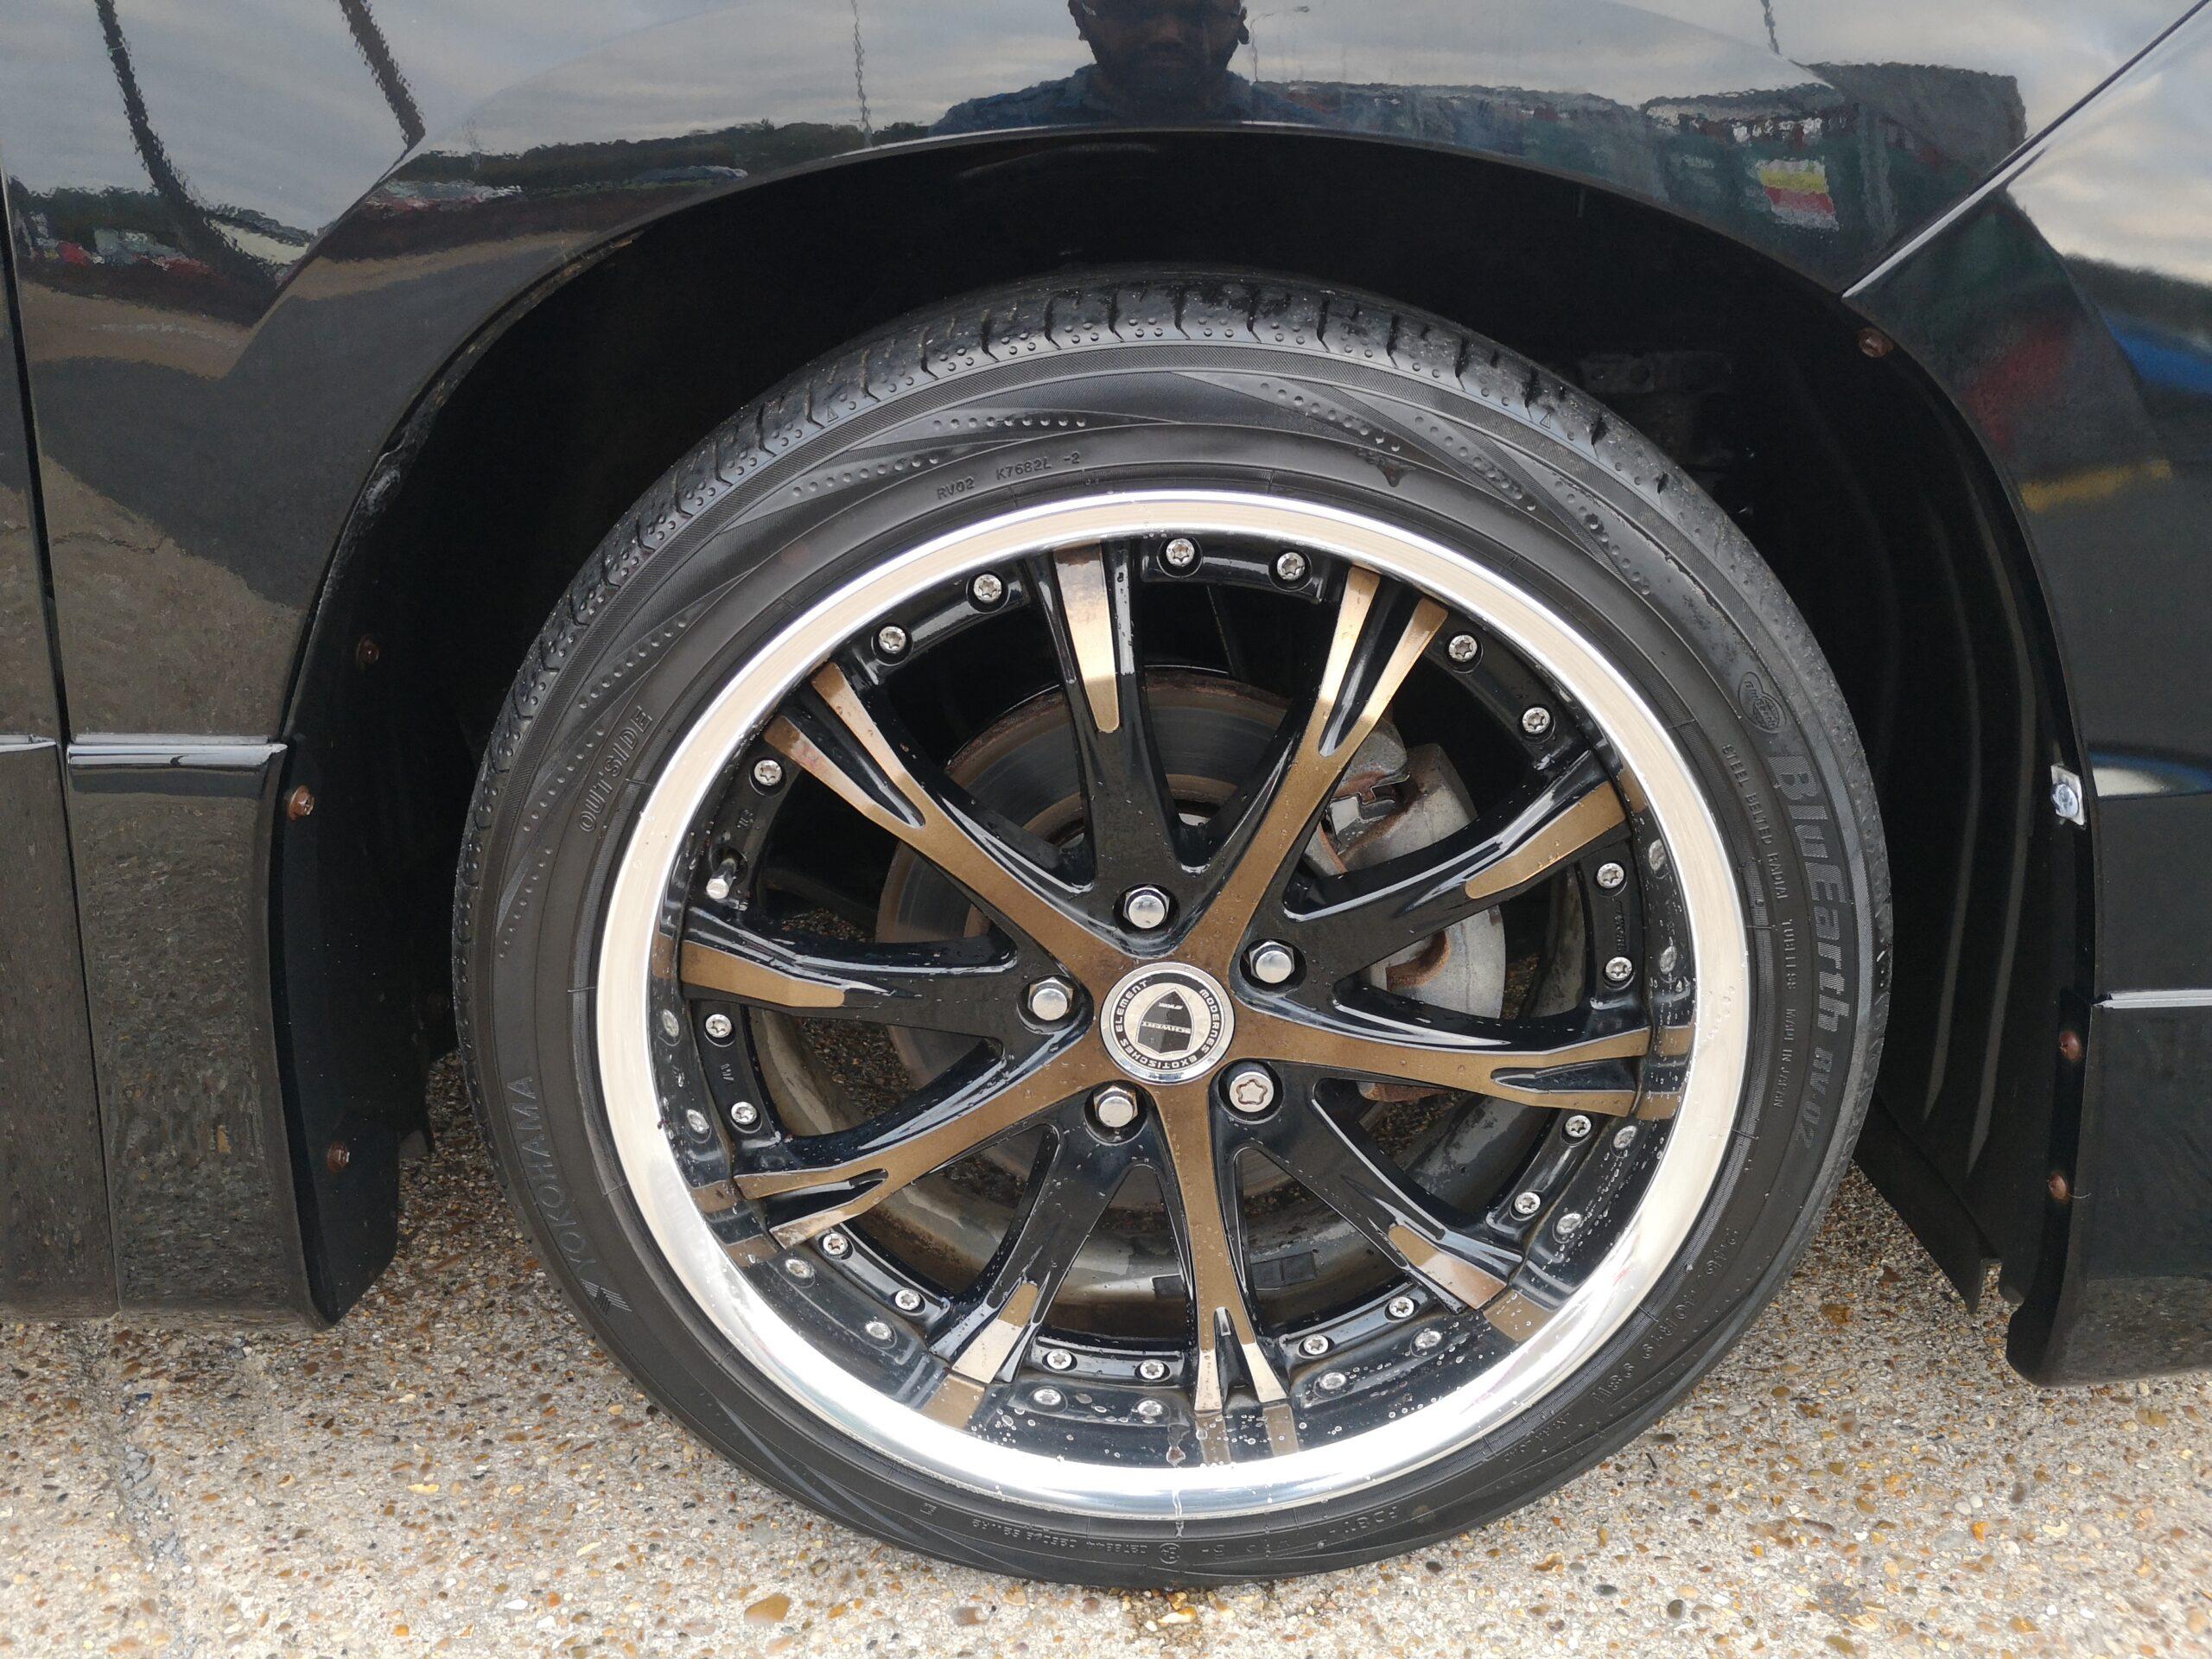 TOYOTA ALPHARD 3.5 V6 PETROL 2008(08),TOP SPECS,RECLINER SEATS